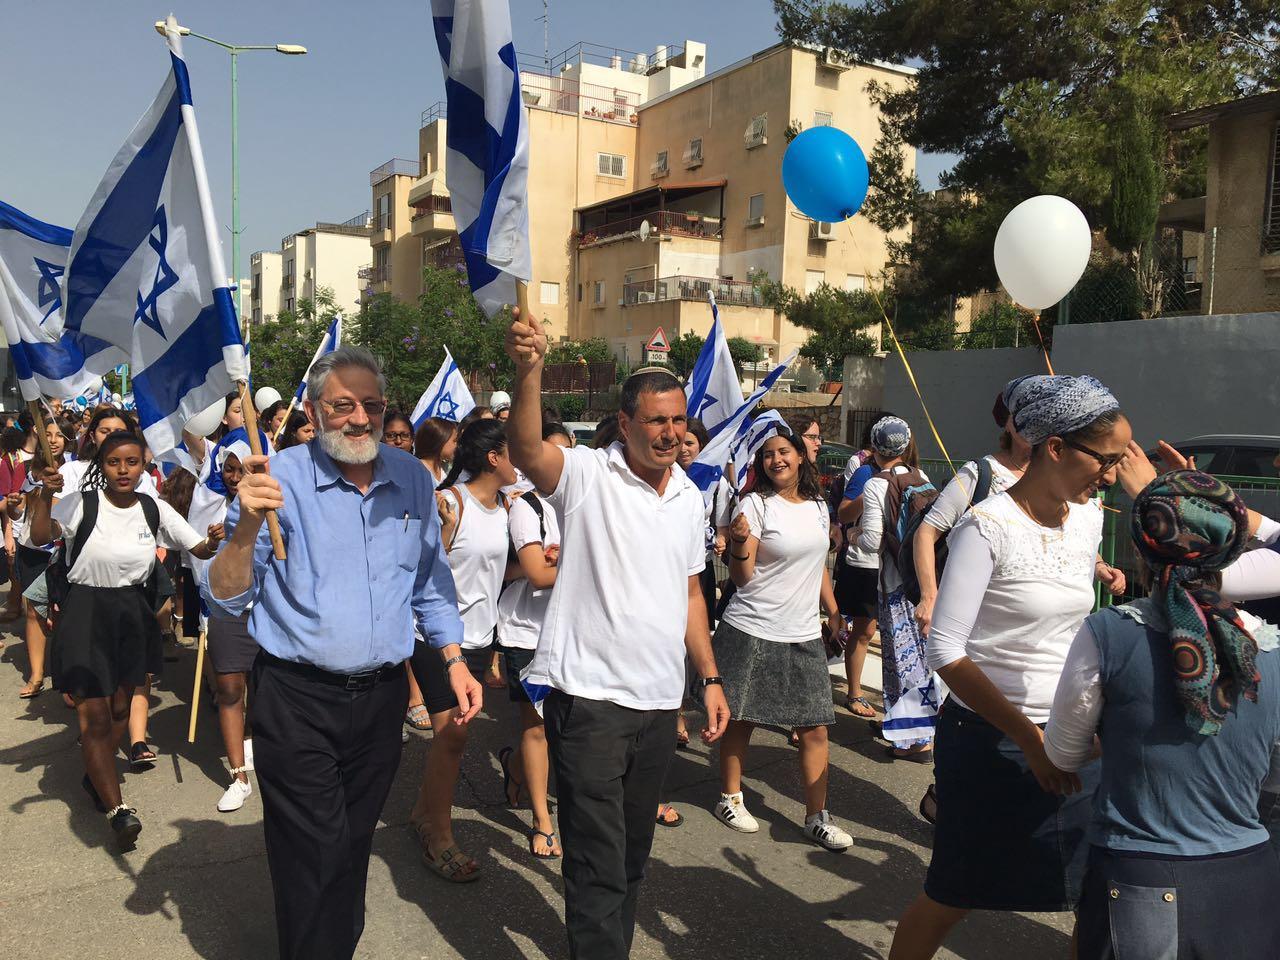 צעדת יום ירושלים בפתח קווה